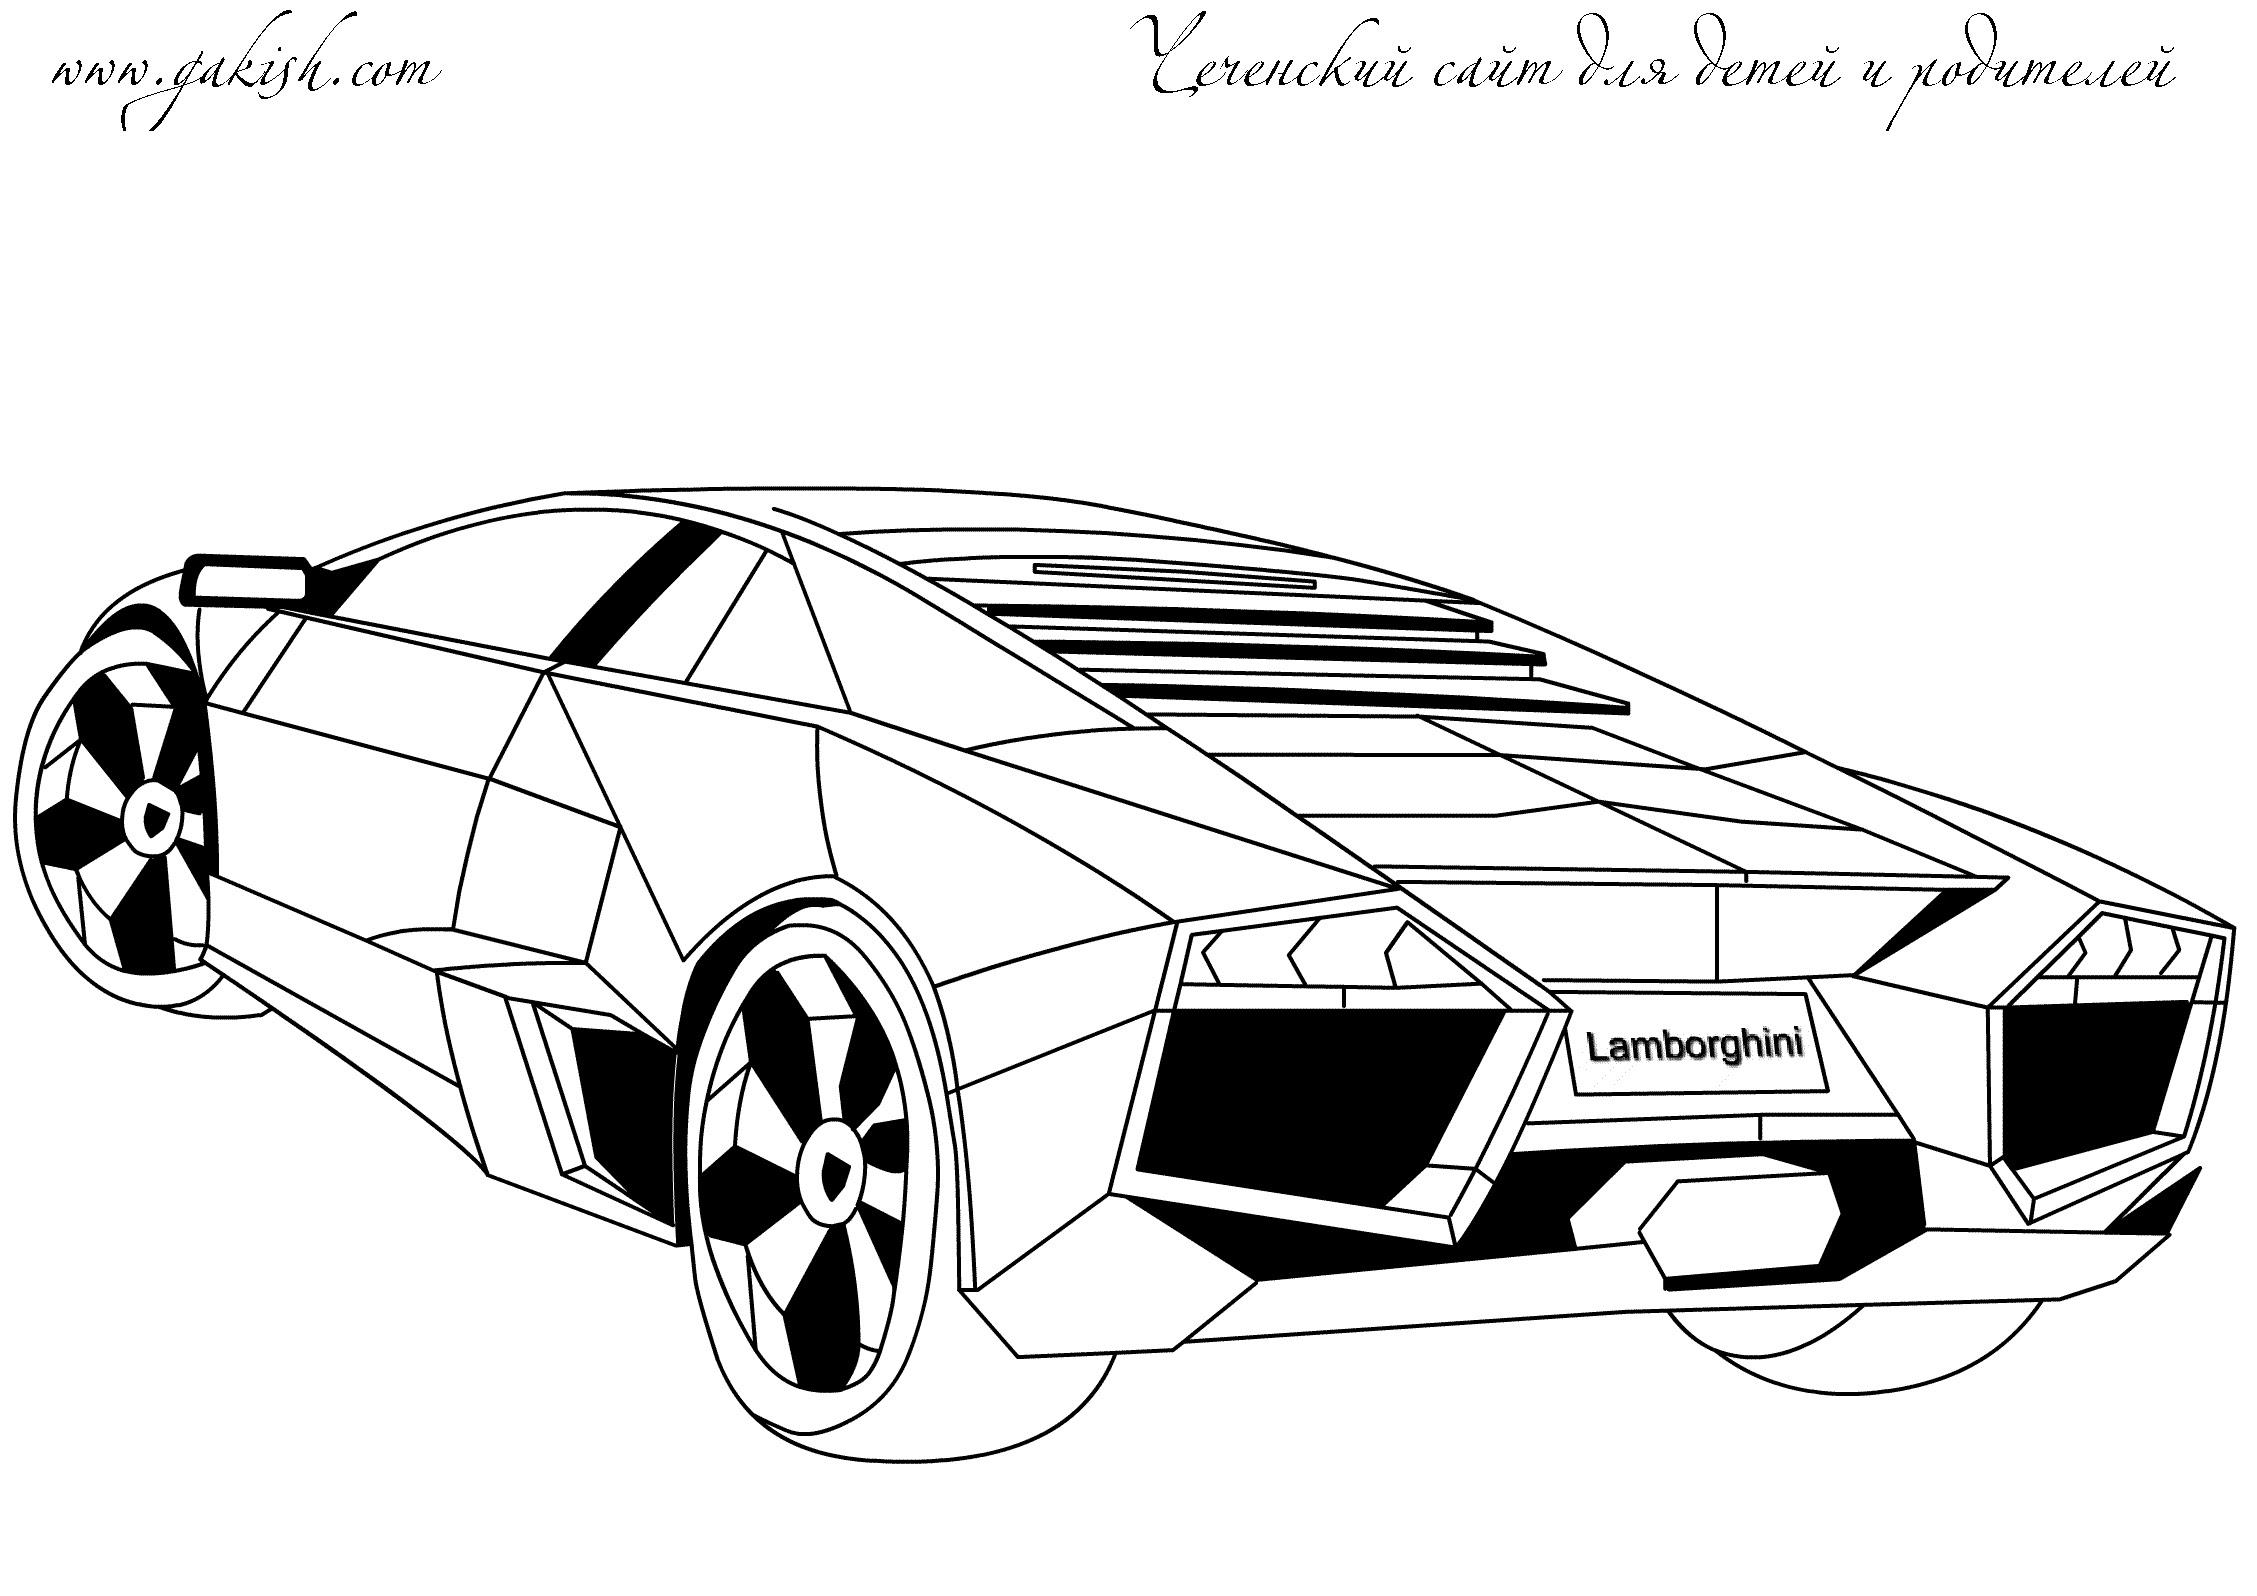 Coloriage A Imprimer Lamborghini.Meilleur De Coloriage De Lamborghini A Imprimer Des